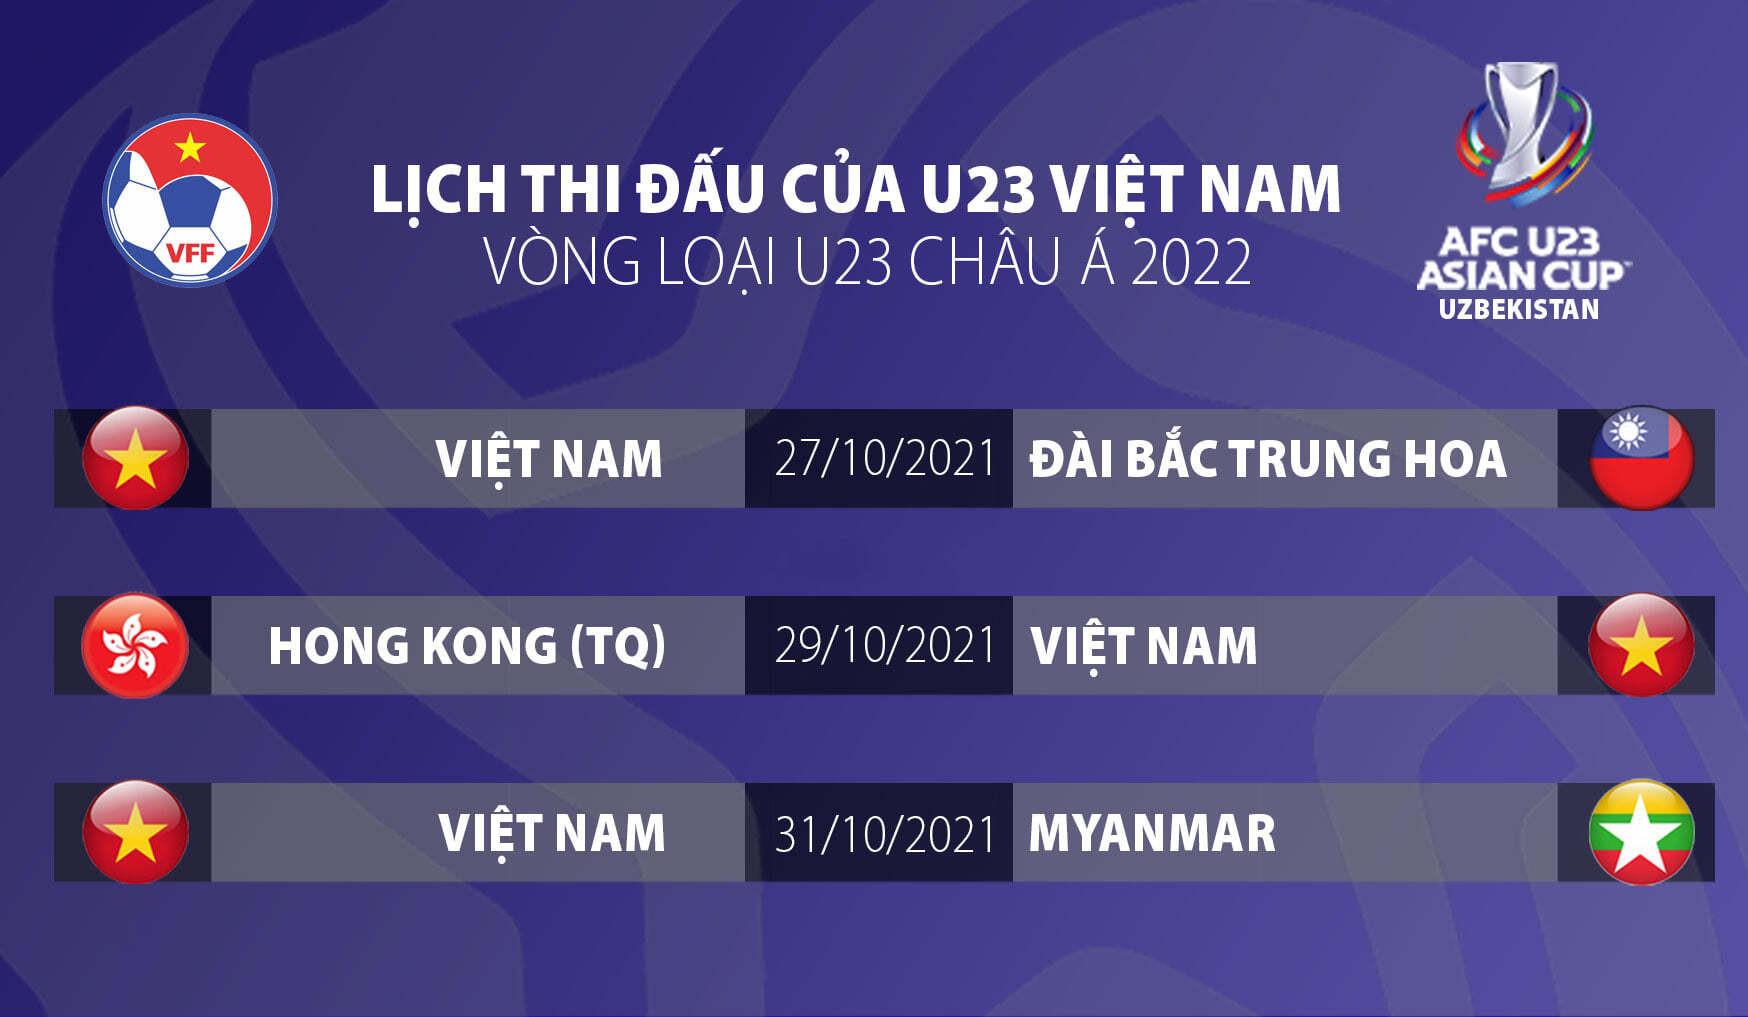 U23 Việt Nam tập huấn 2 đợt, quyết vượt vòng loại U23 châu Á - 2